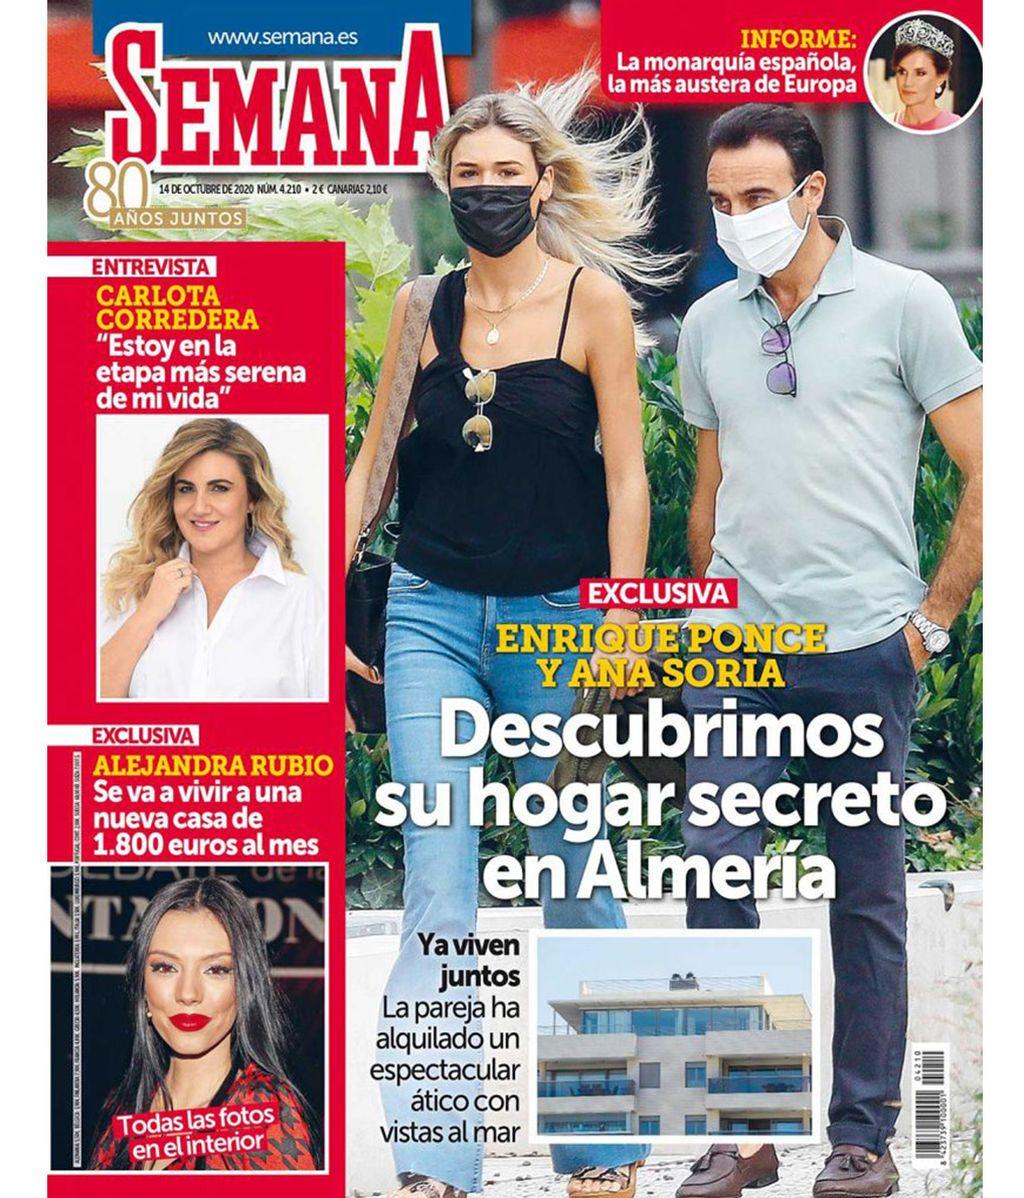 Ana Soria y Enrique Ponce se van a vivir juntos a un ático de Almeria